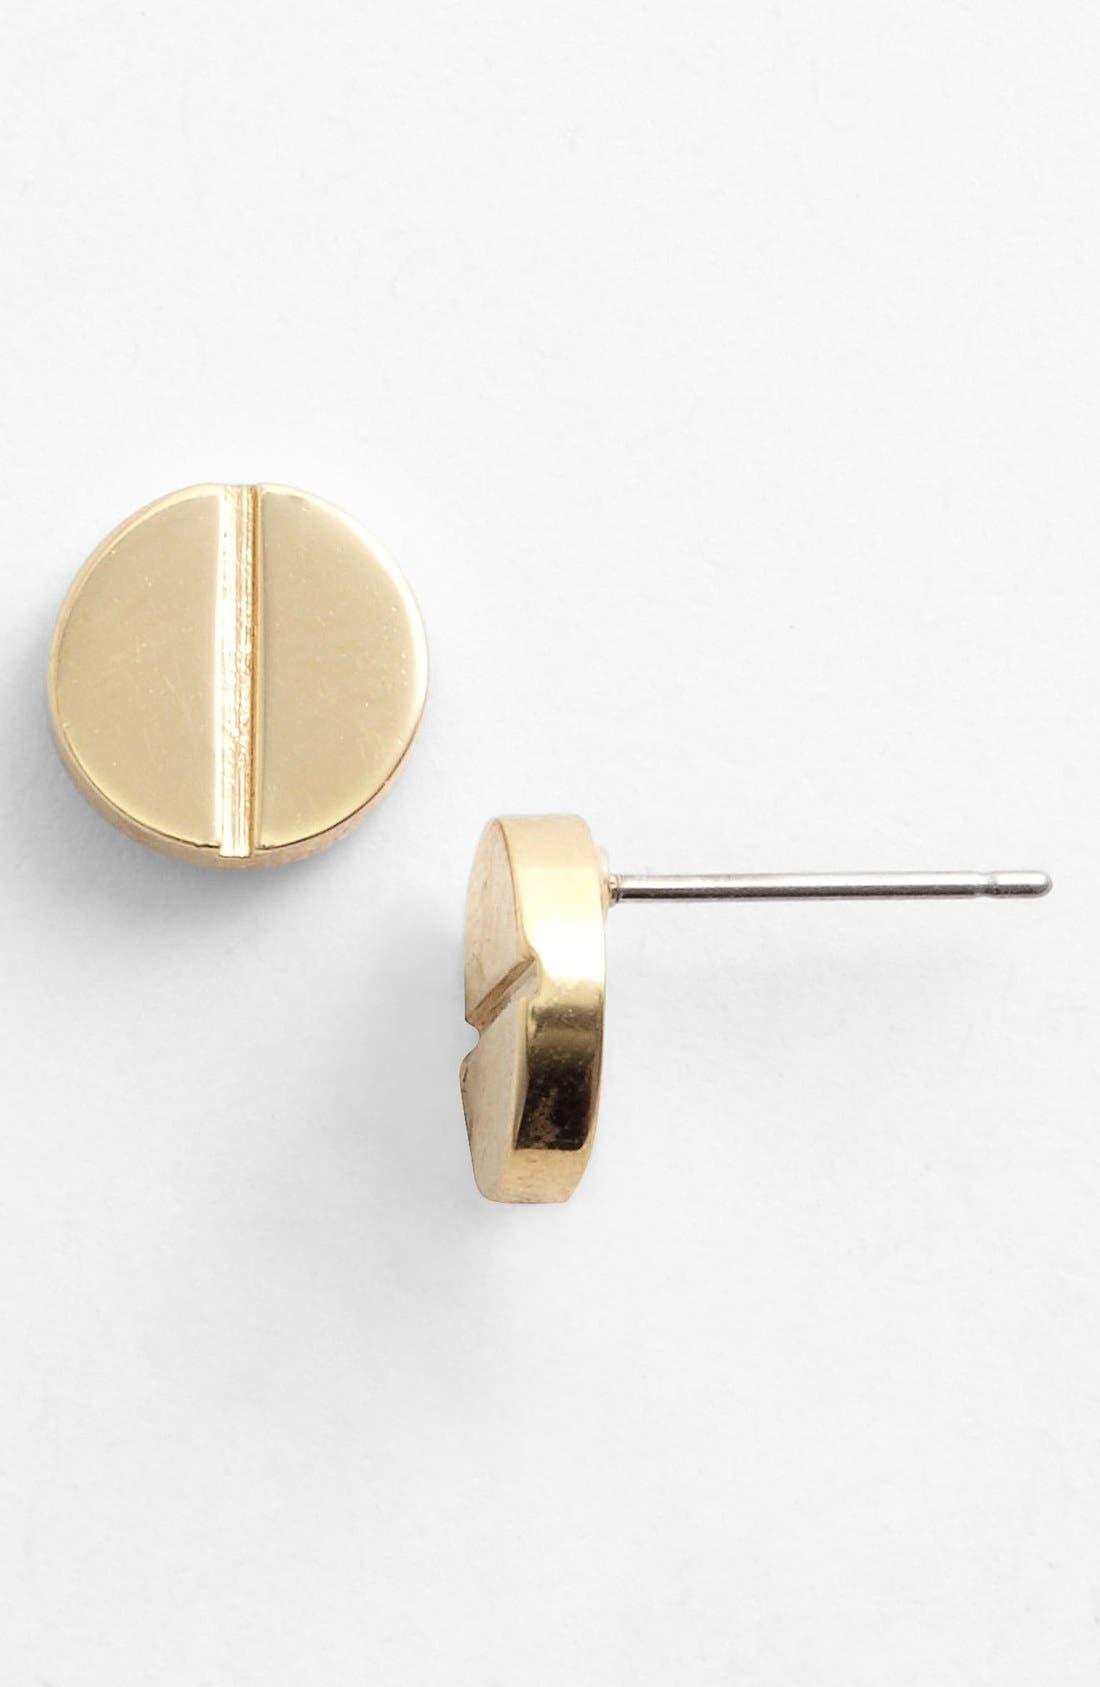 Main Image - Tory Burch Screw Rivet Stud Earrings